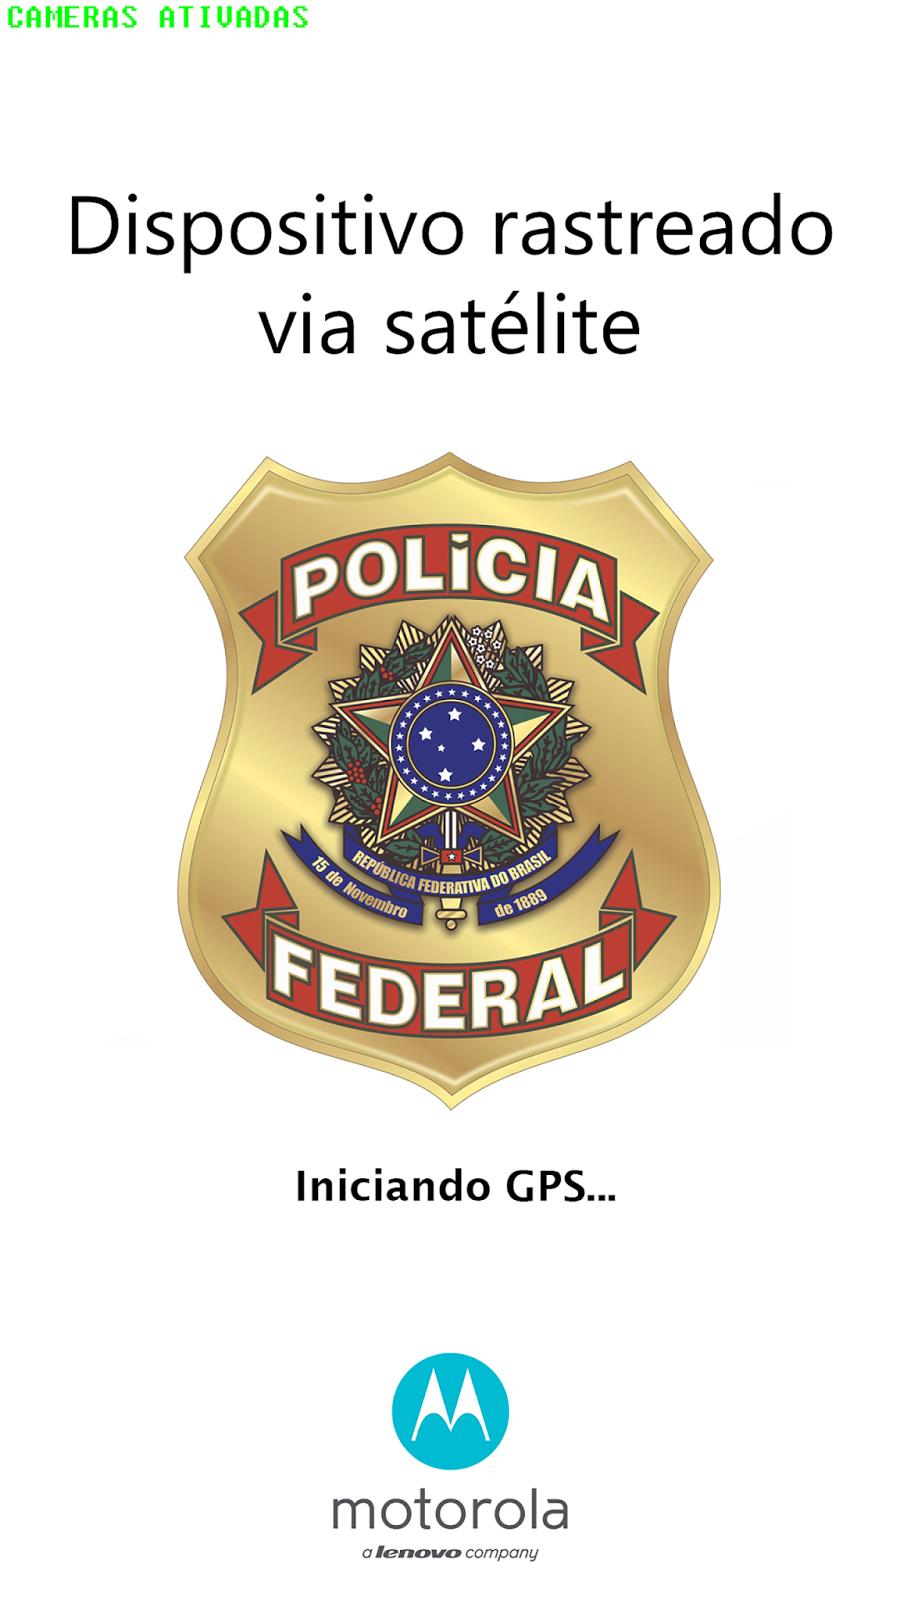 policia federal s243 boot logo